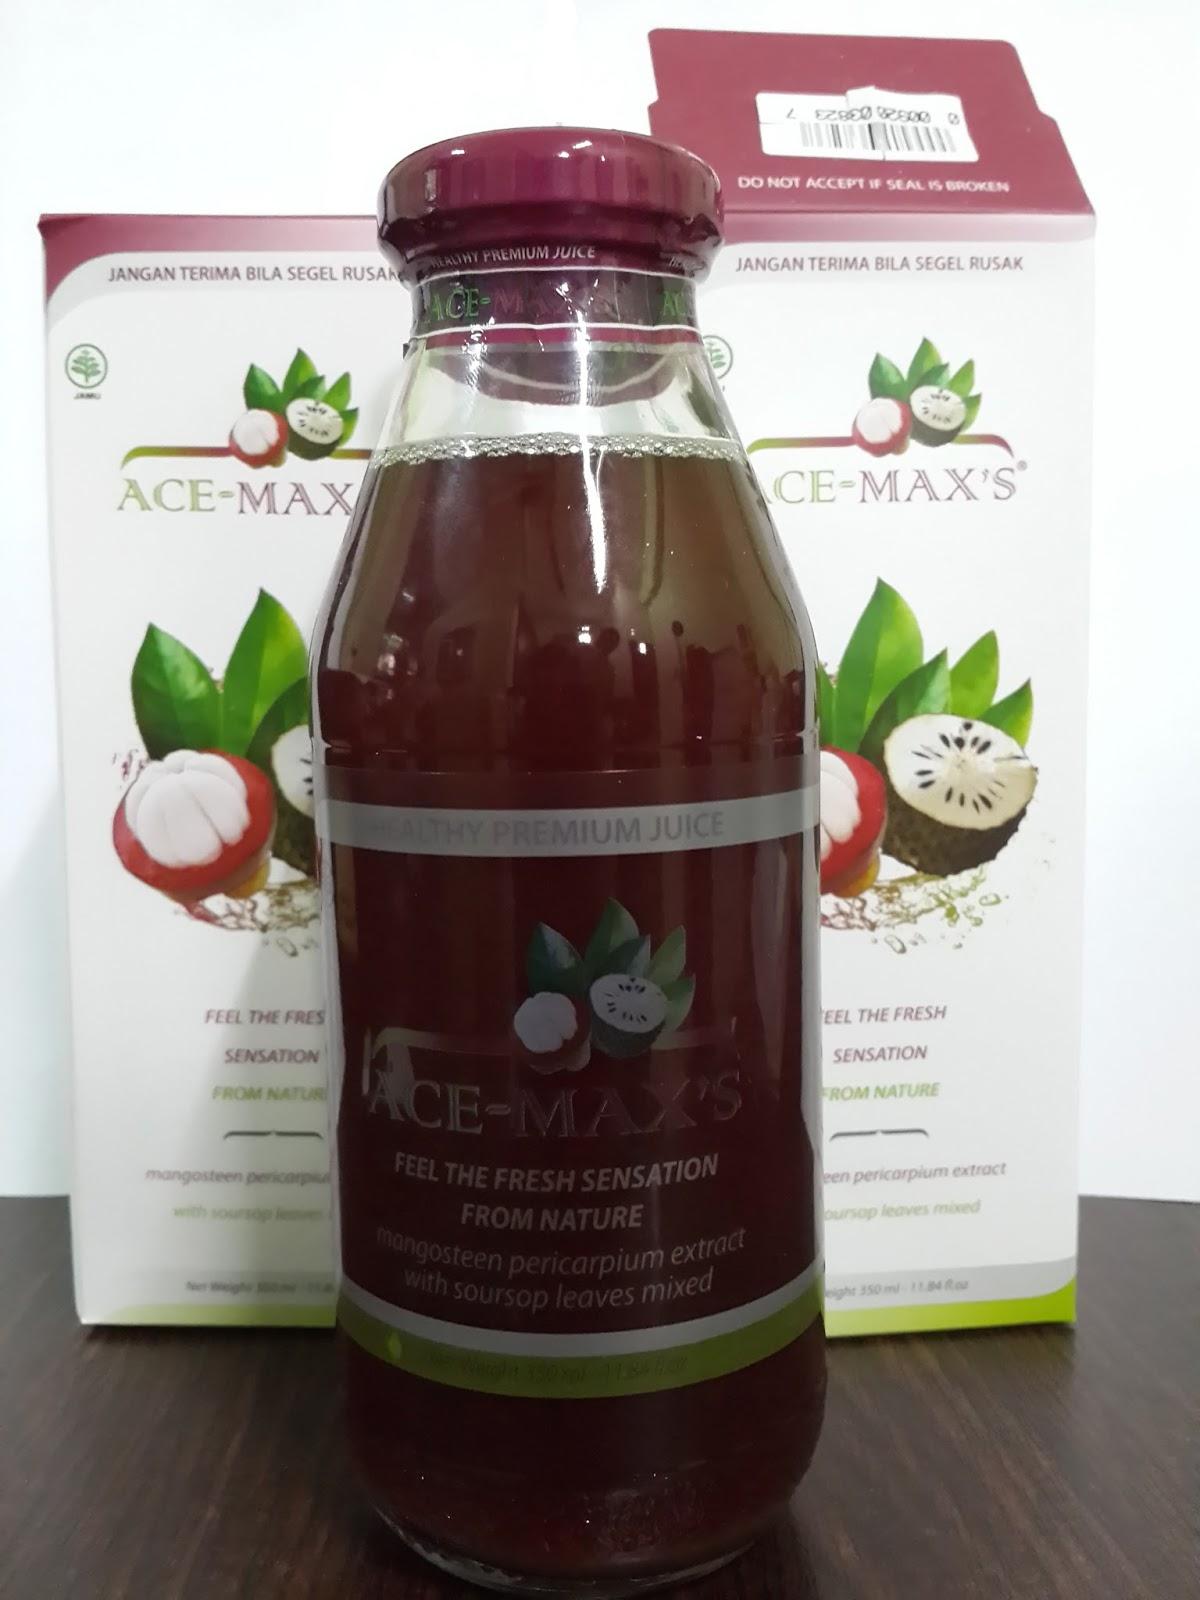 Ace Maxs Max Antioksidan Obat Herbal Kulit Manggis Dan Daun Acemax Acemaxs Esmex Esmeks Jus Sirsak Adalah Yang Terbuat Dari Keajaiban Perpaduan